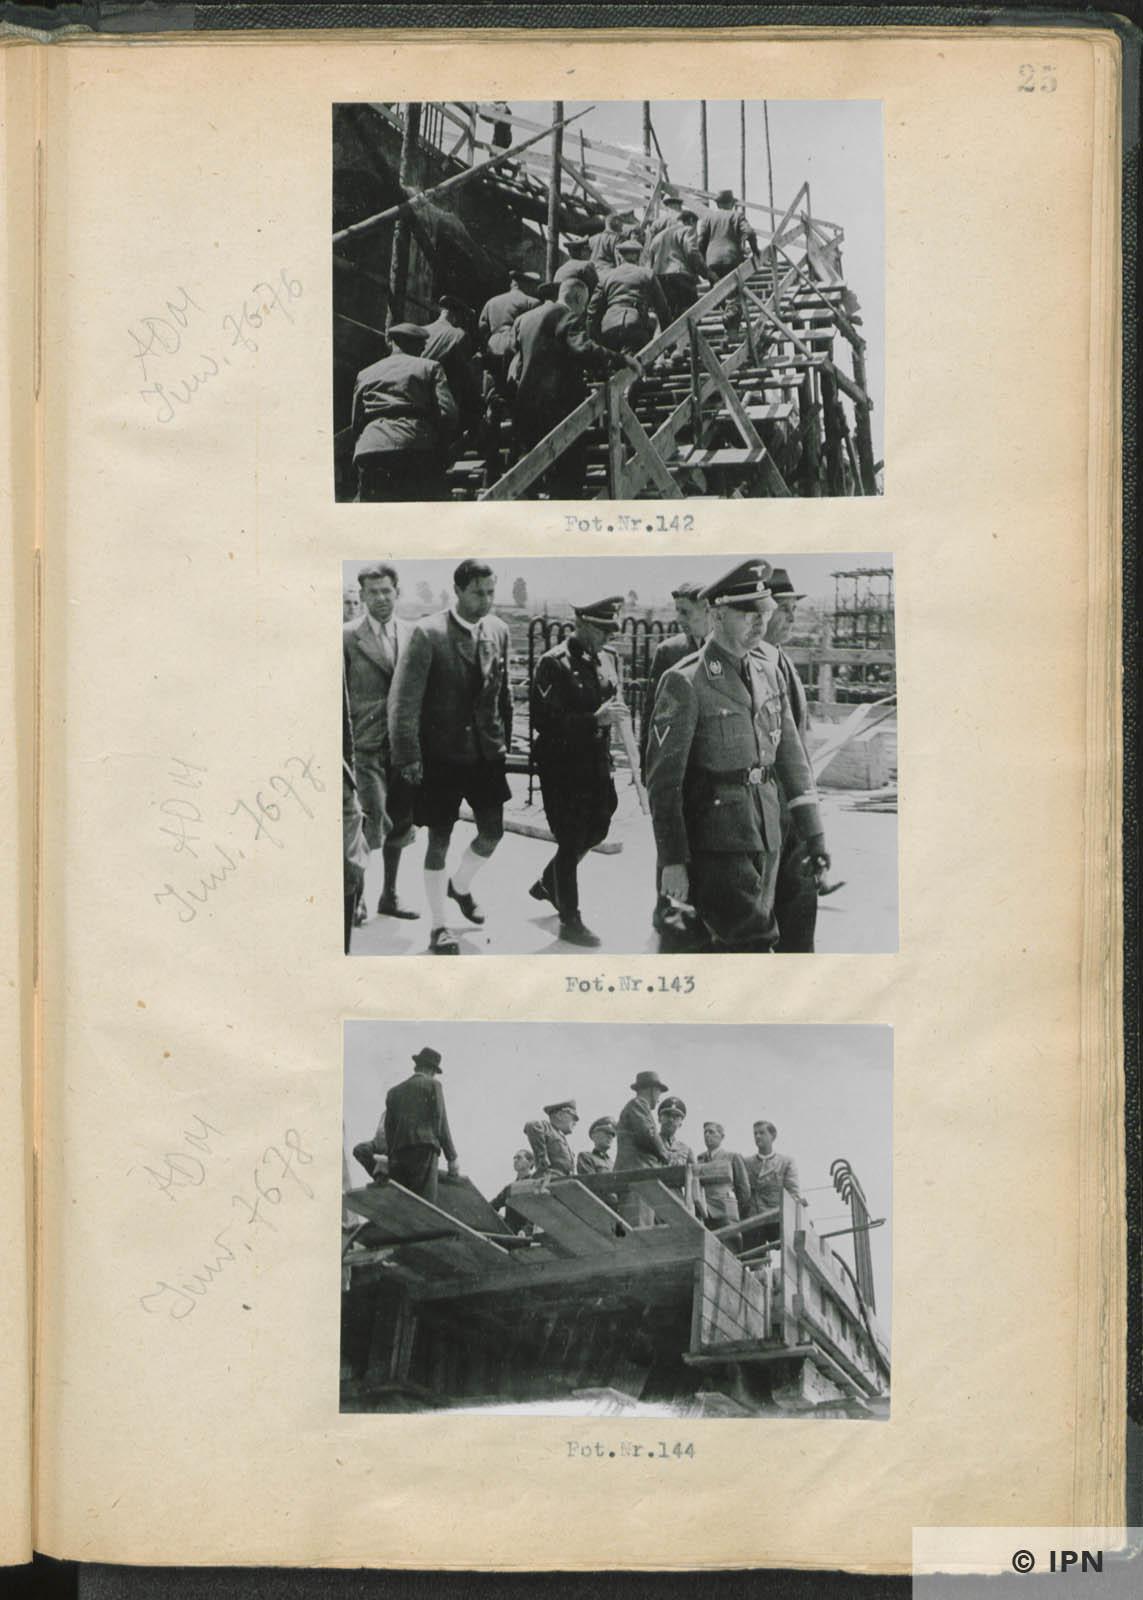 SS Reichsführer Heinrich Himmler visits IG Farben plant at Monowitz. July 17 to 18 1942. IPN GK 196 97 0030